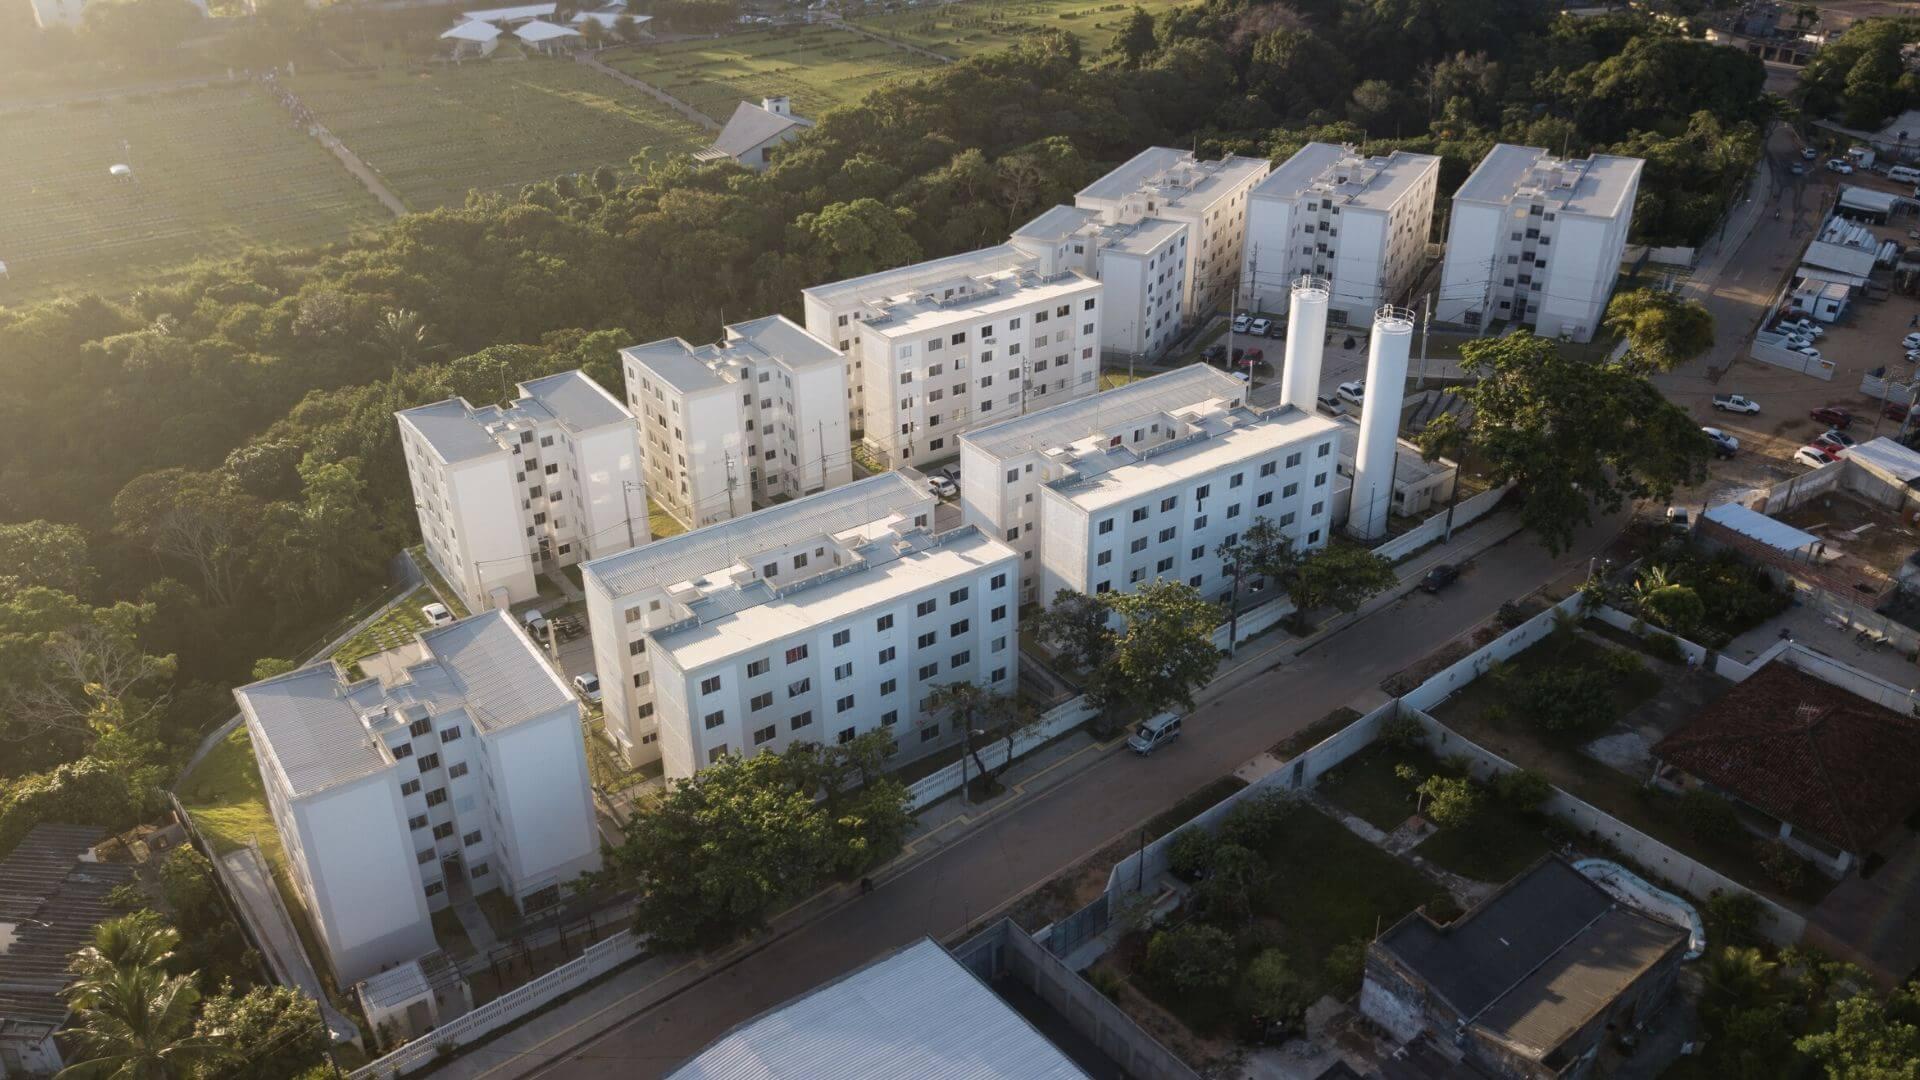 Fotos de obras no empreendimento Parque das Nações | Salvador | BA | foto 1 | tenda.com